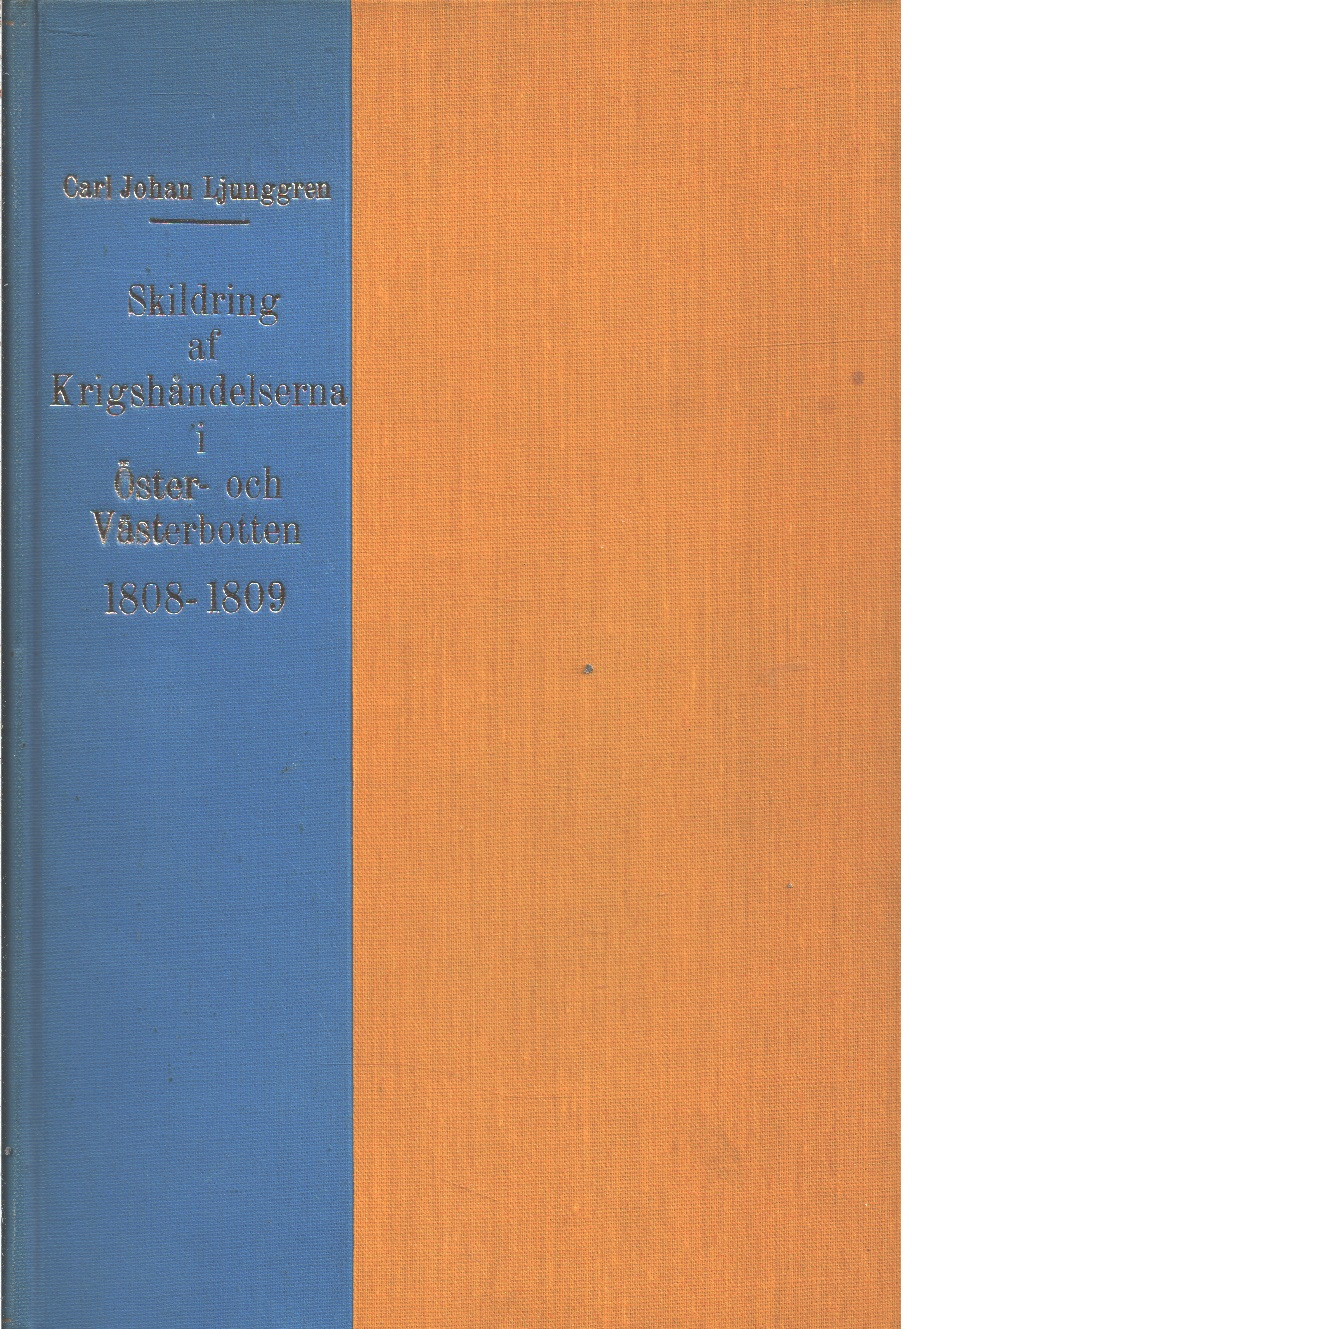 Skildring af krigshändelserna i Öster- och Västerbotten 1808-1809  - Ljunggren, Carl Johan och Hausen, Reinhold